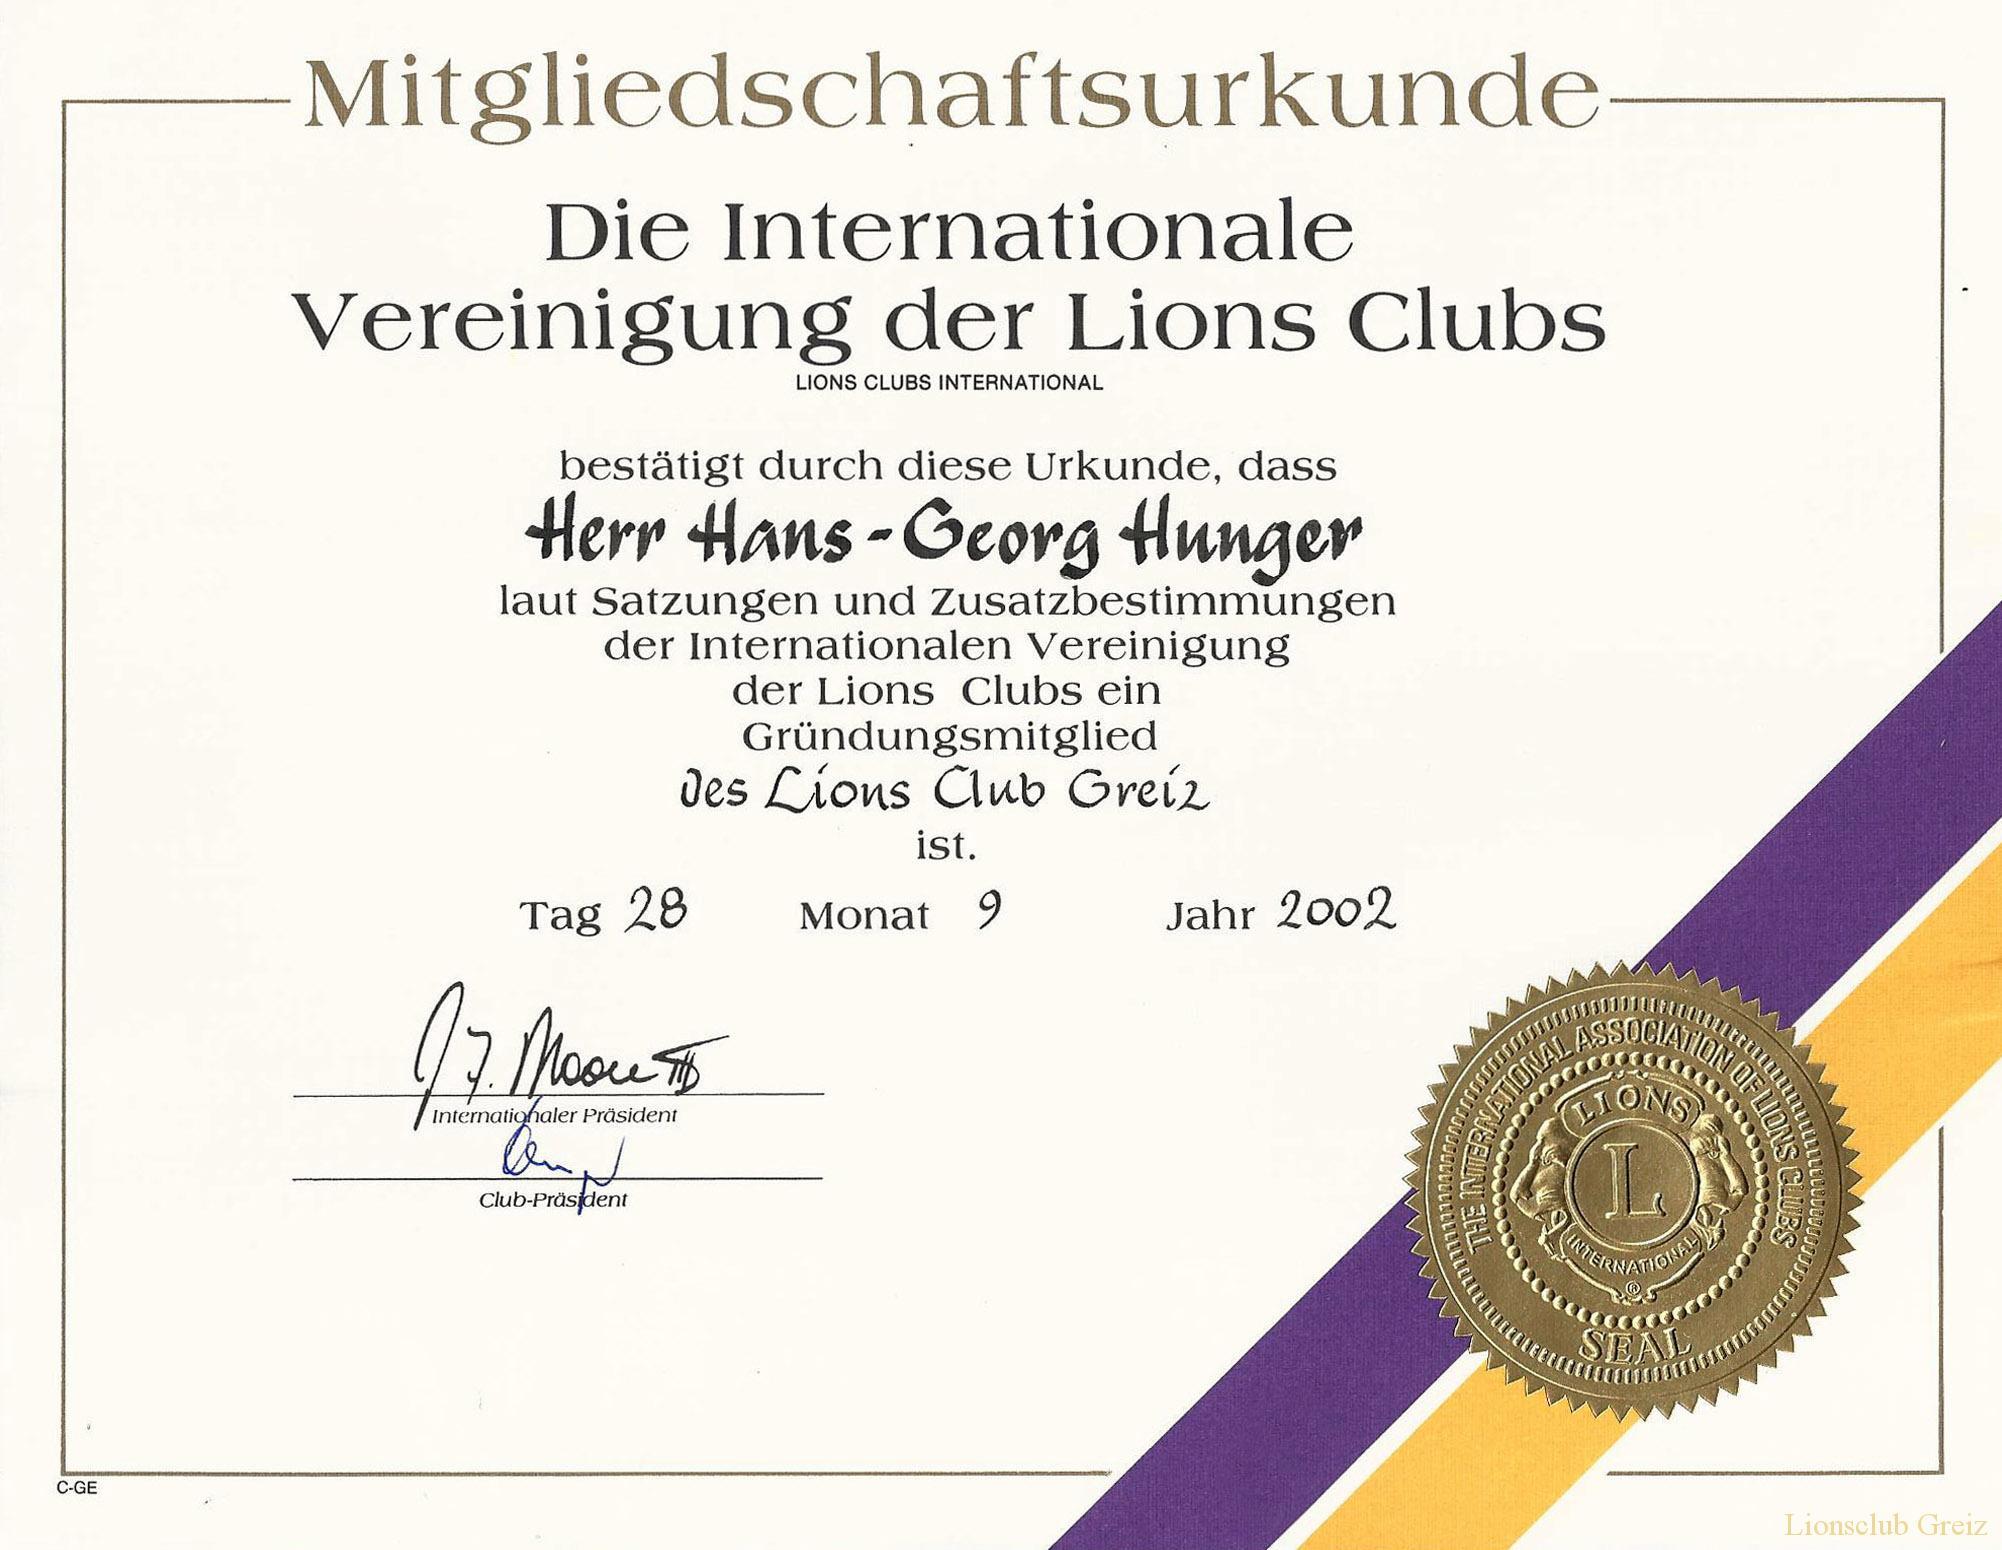 Urkunde zur Mitgliedschaft im Lionsclub